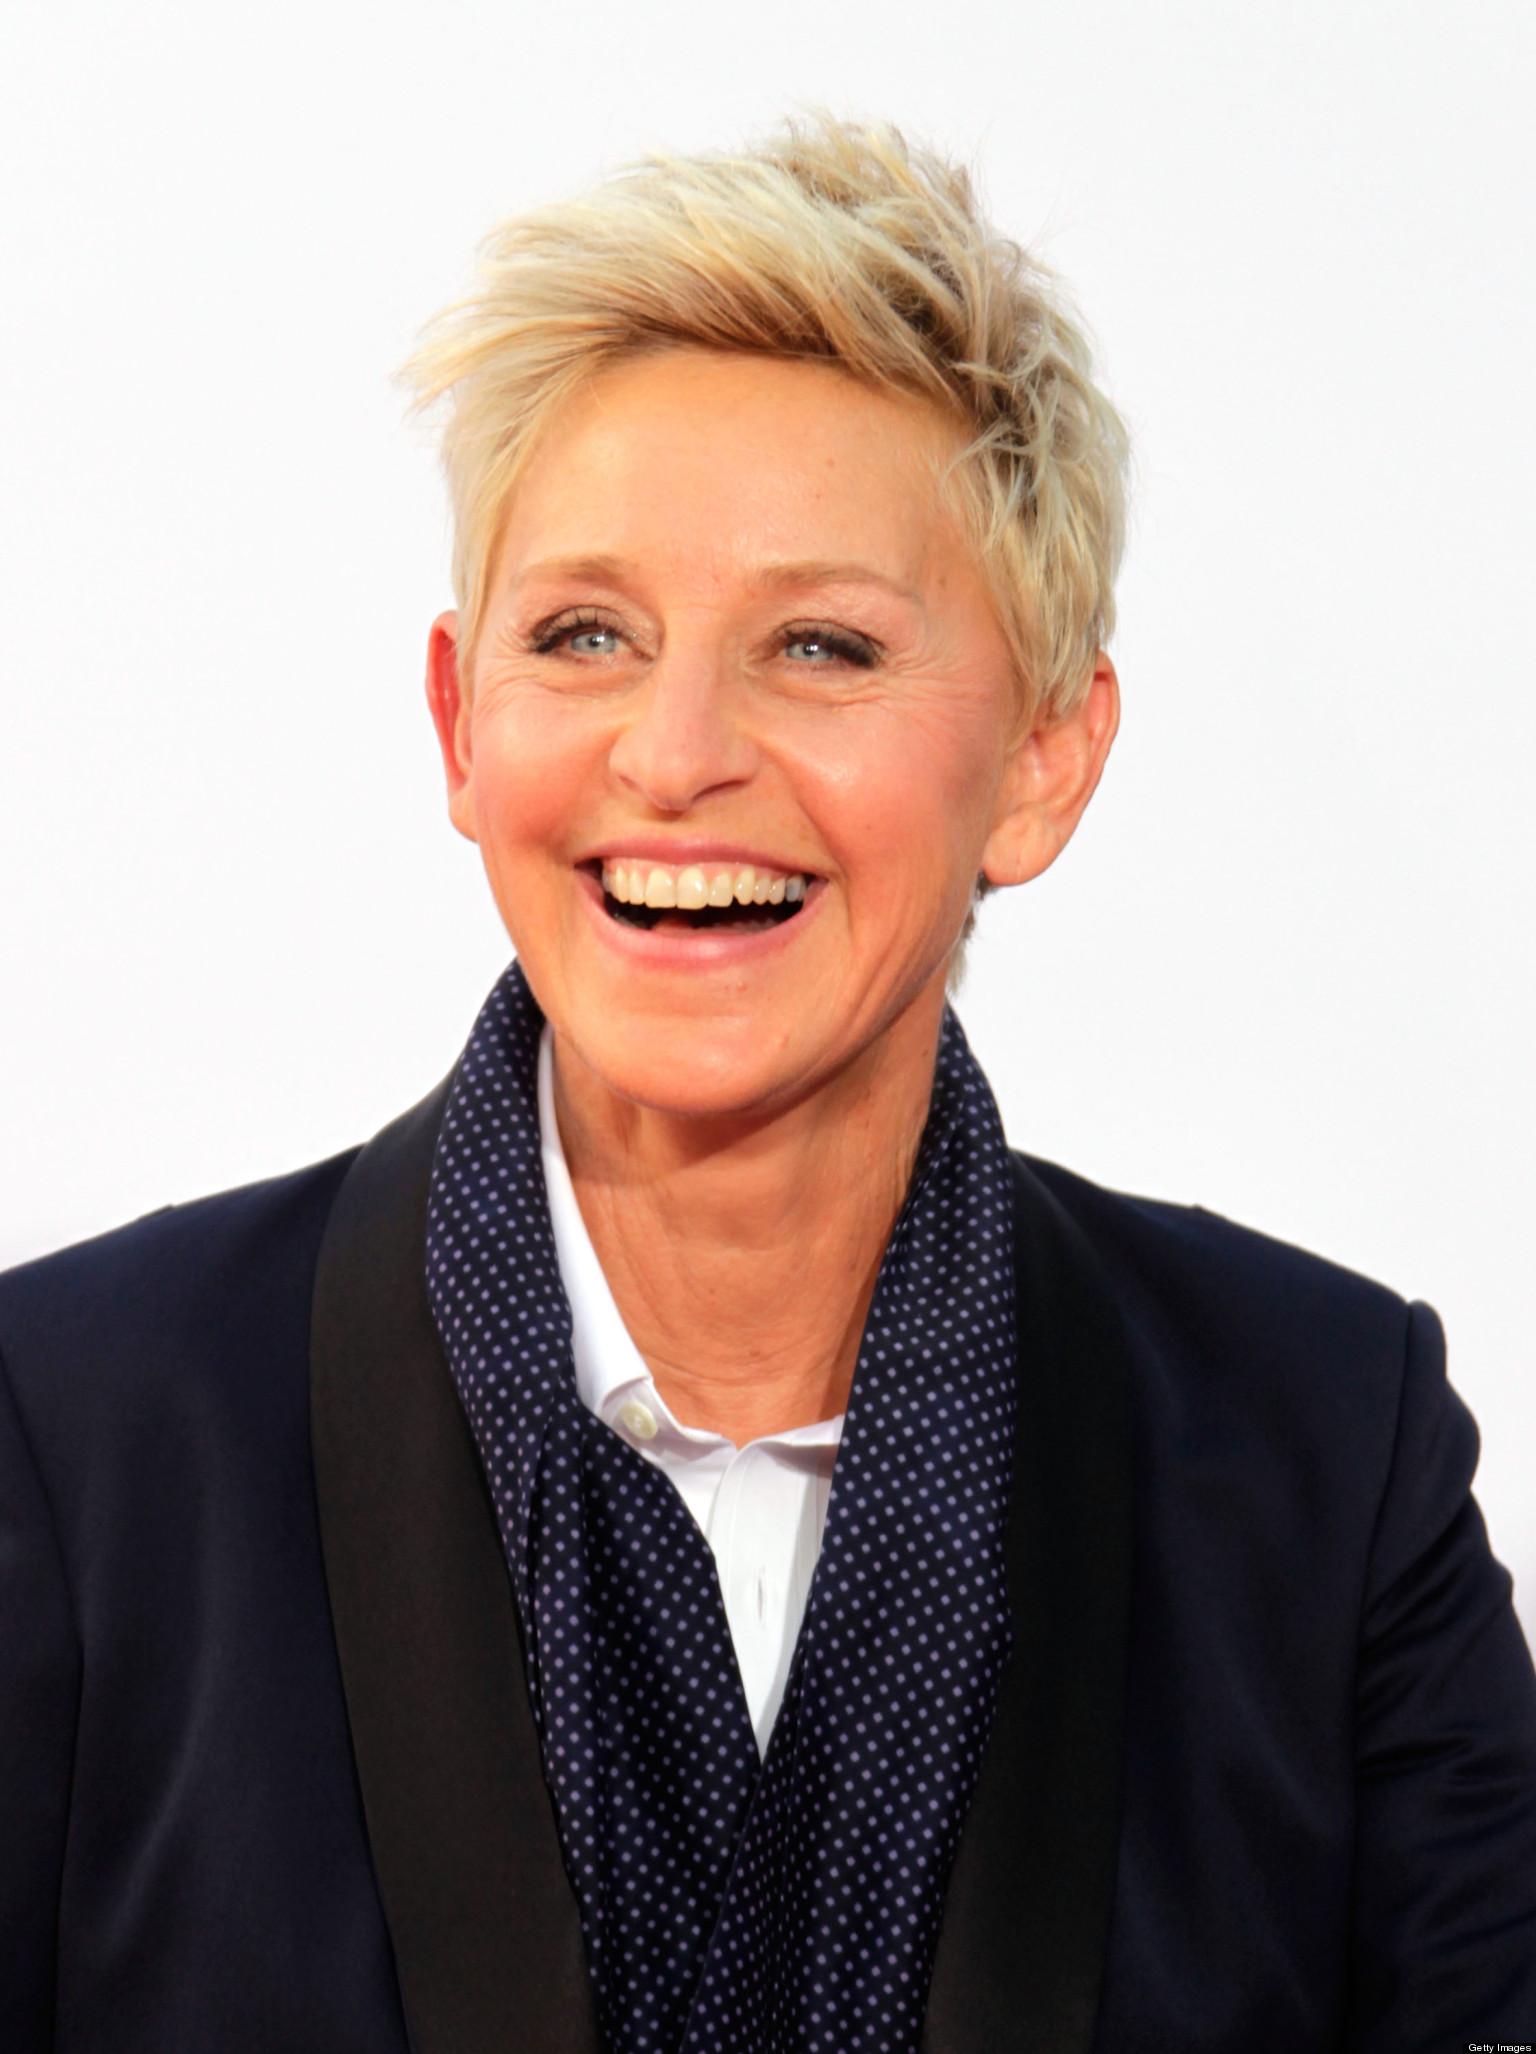 Ellen degeneres on time magazine comedian came out 16 for How is ellen degeneres